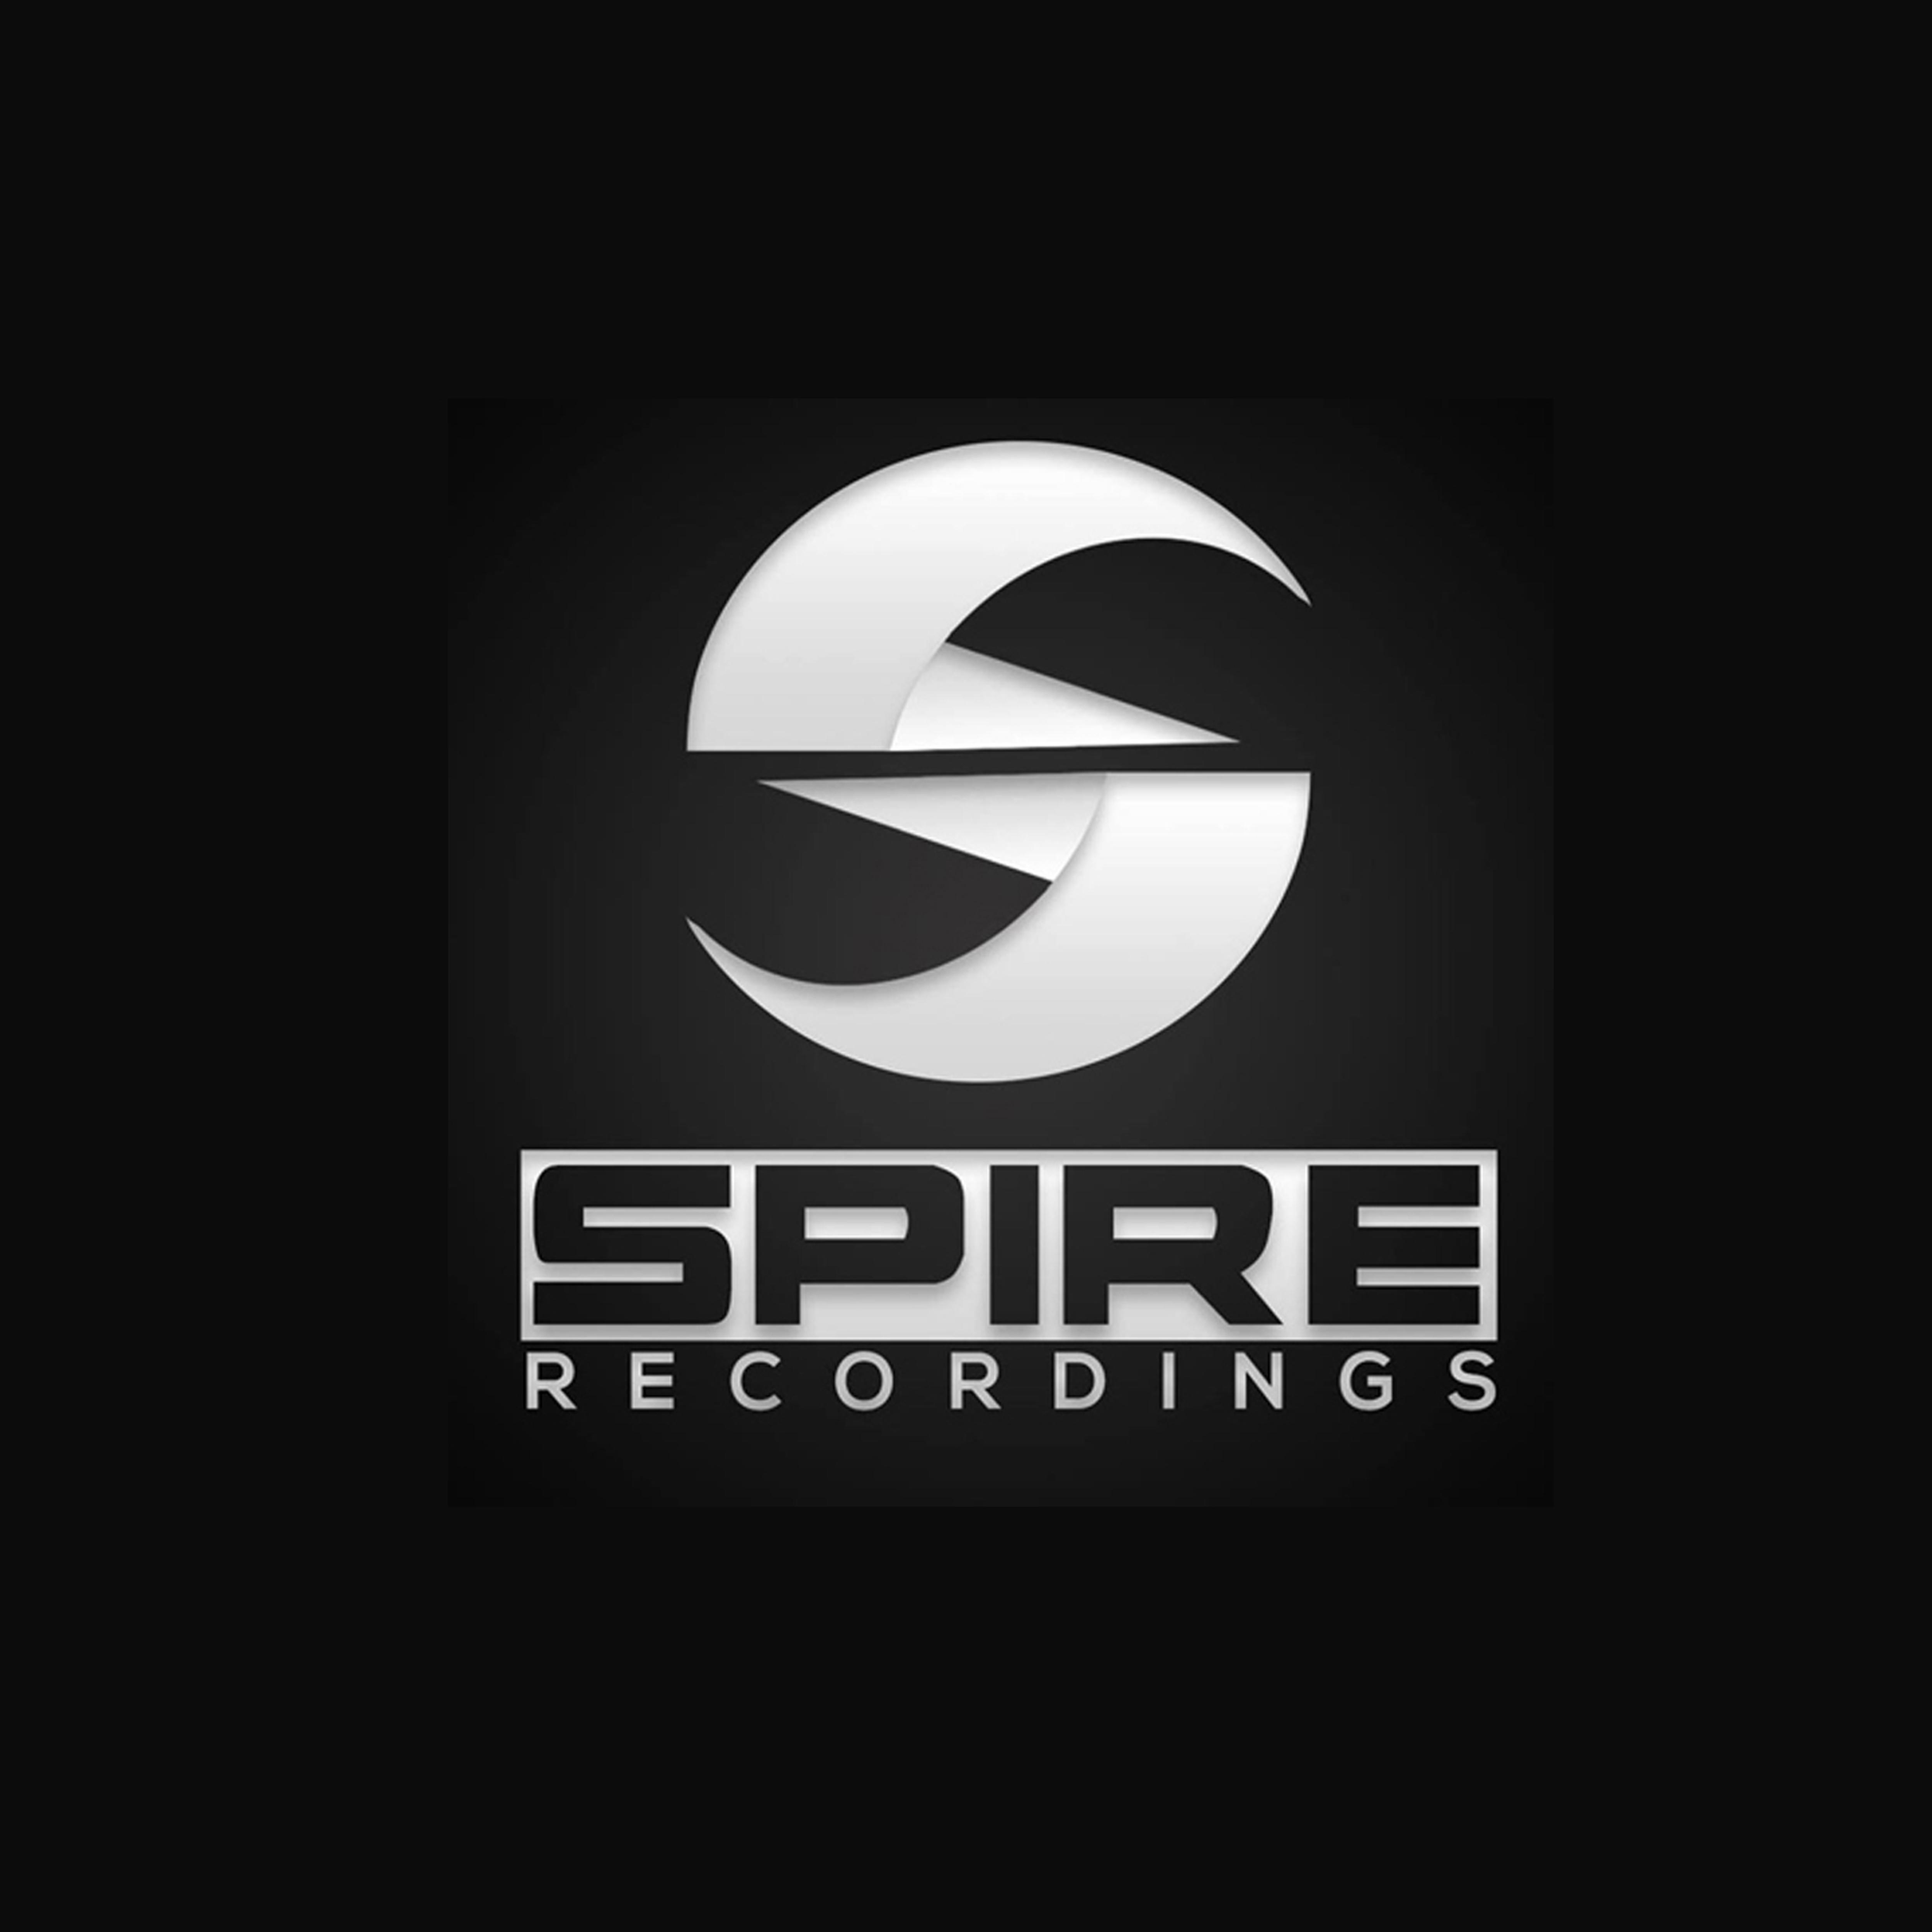 Spire Recordings